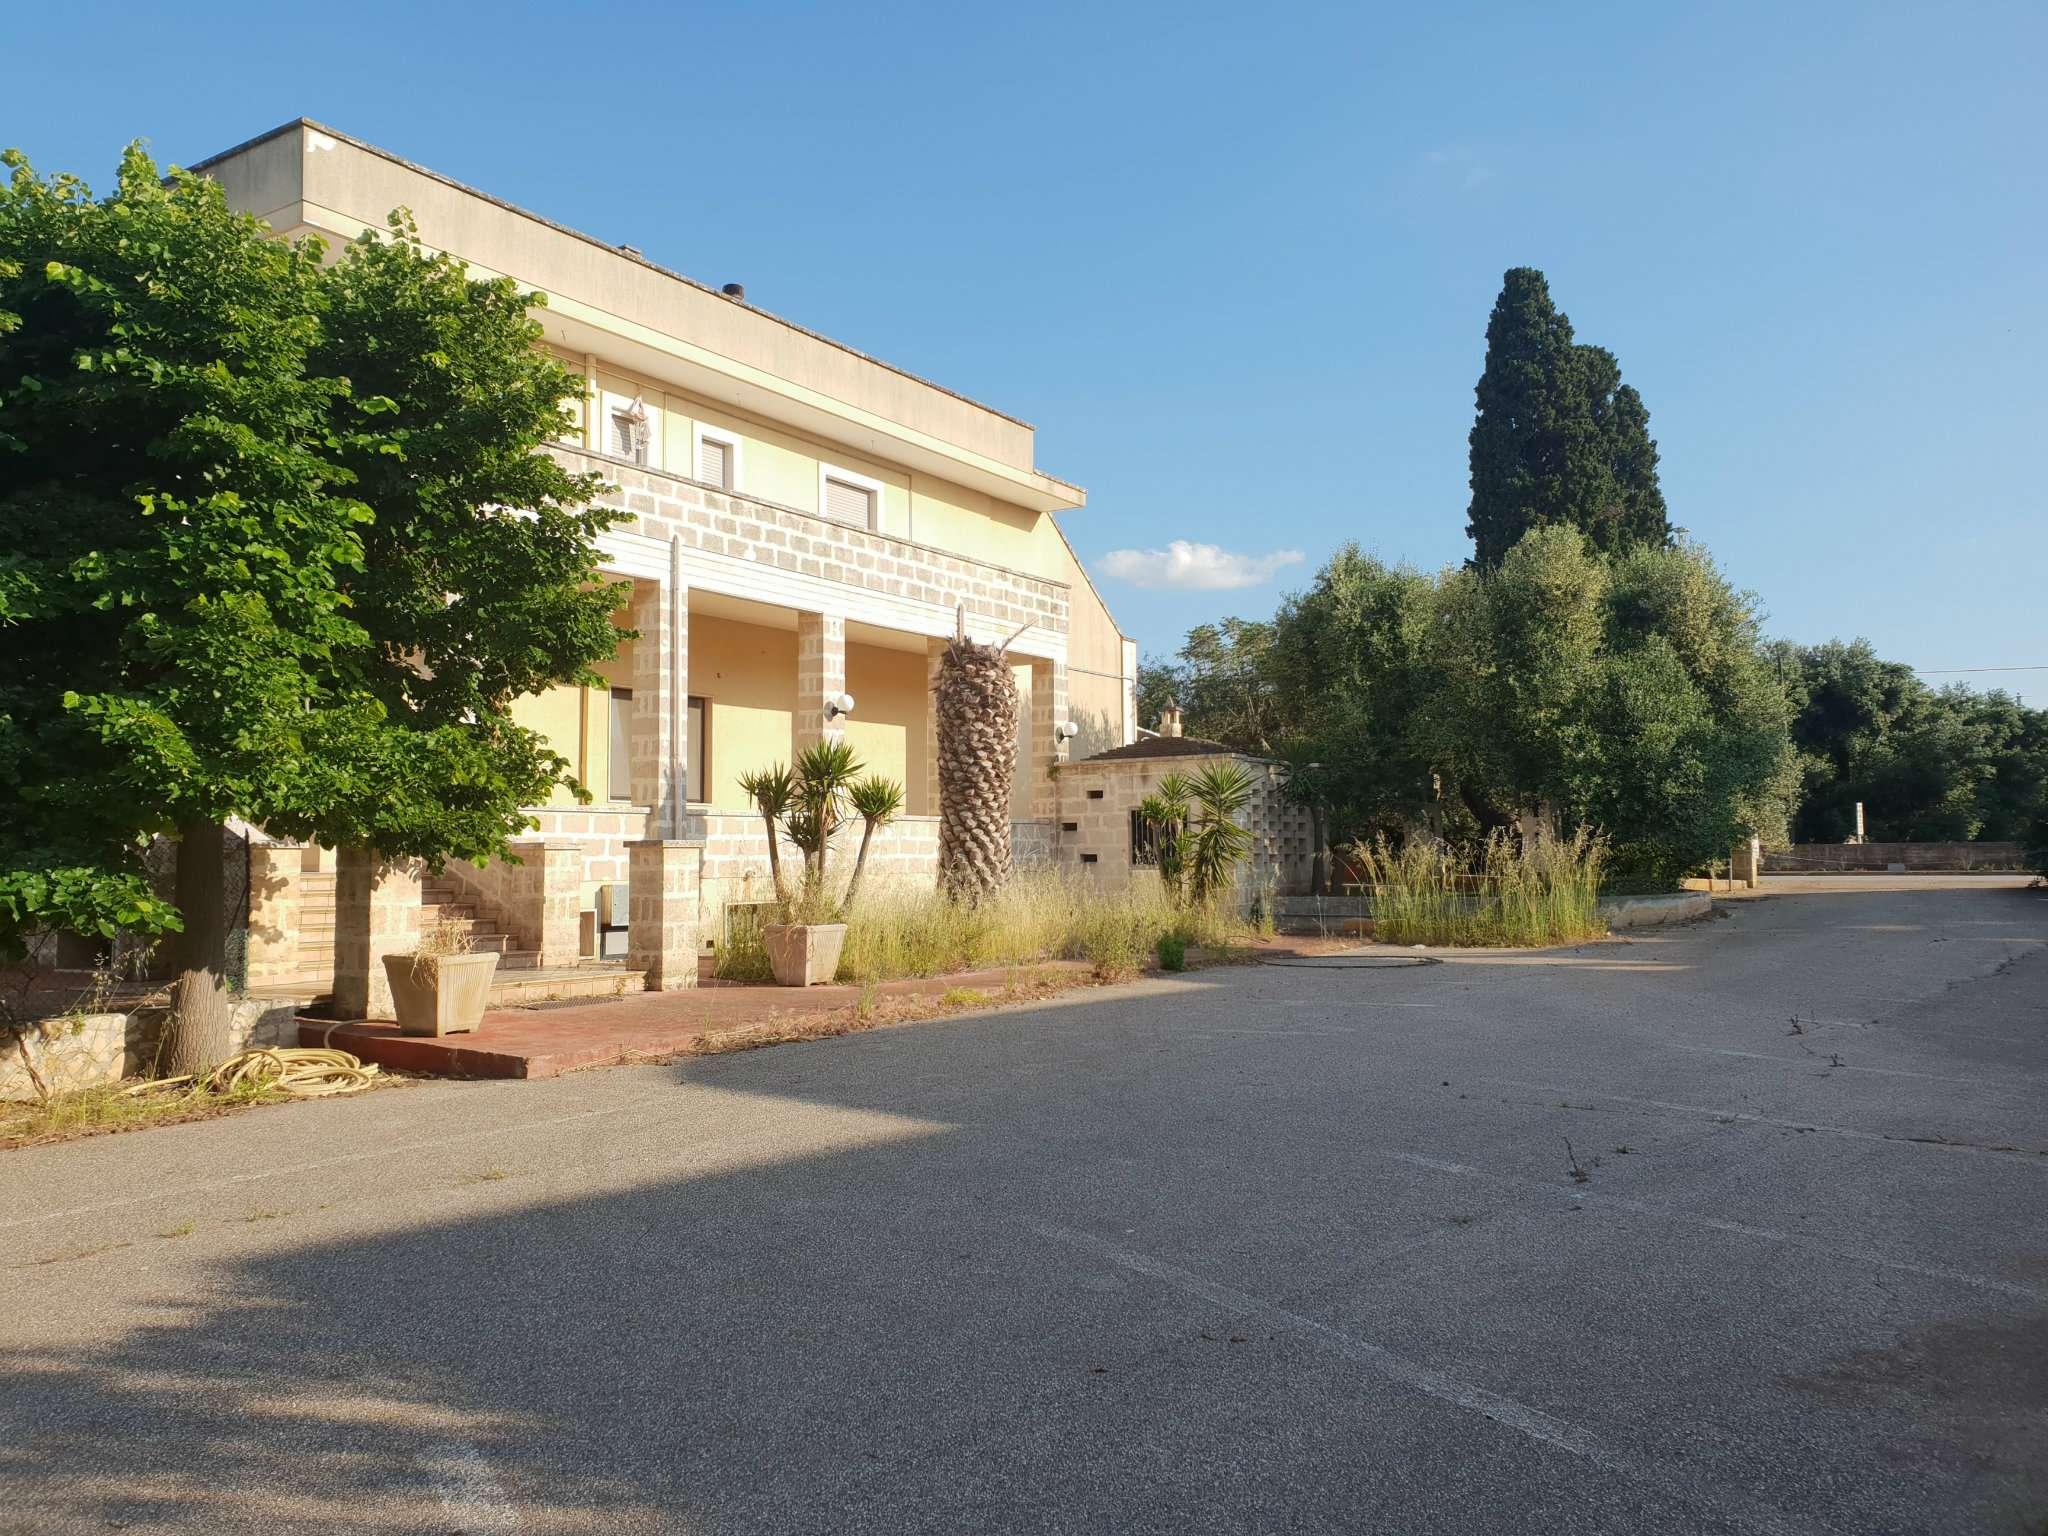 Appartamento in vendita a Fasano, 4 locali, prezzo € 150.000 | PortaleAgenzieImmobiliari.it